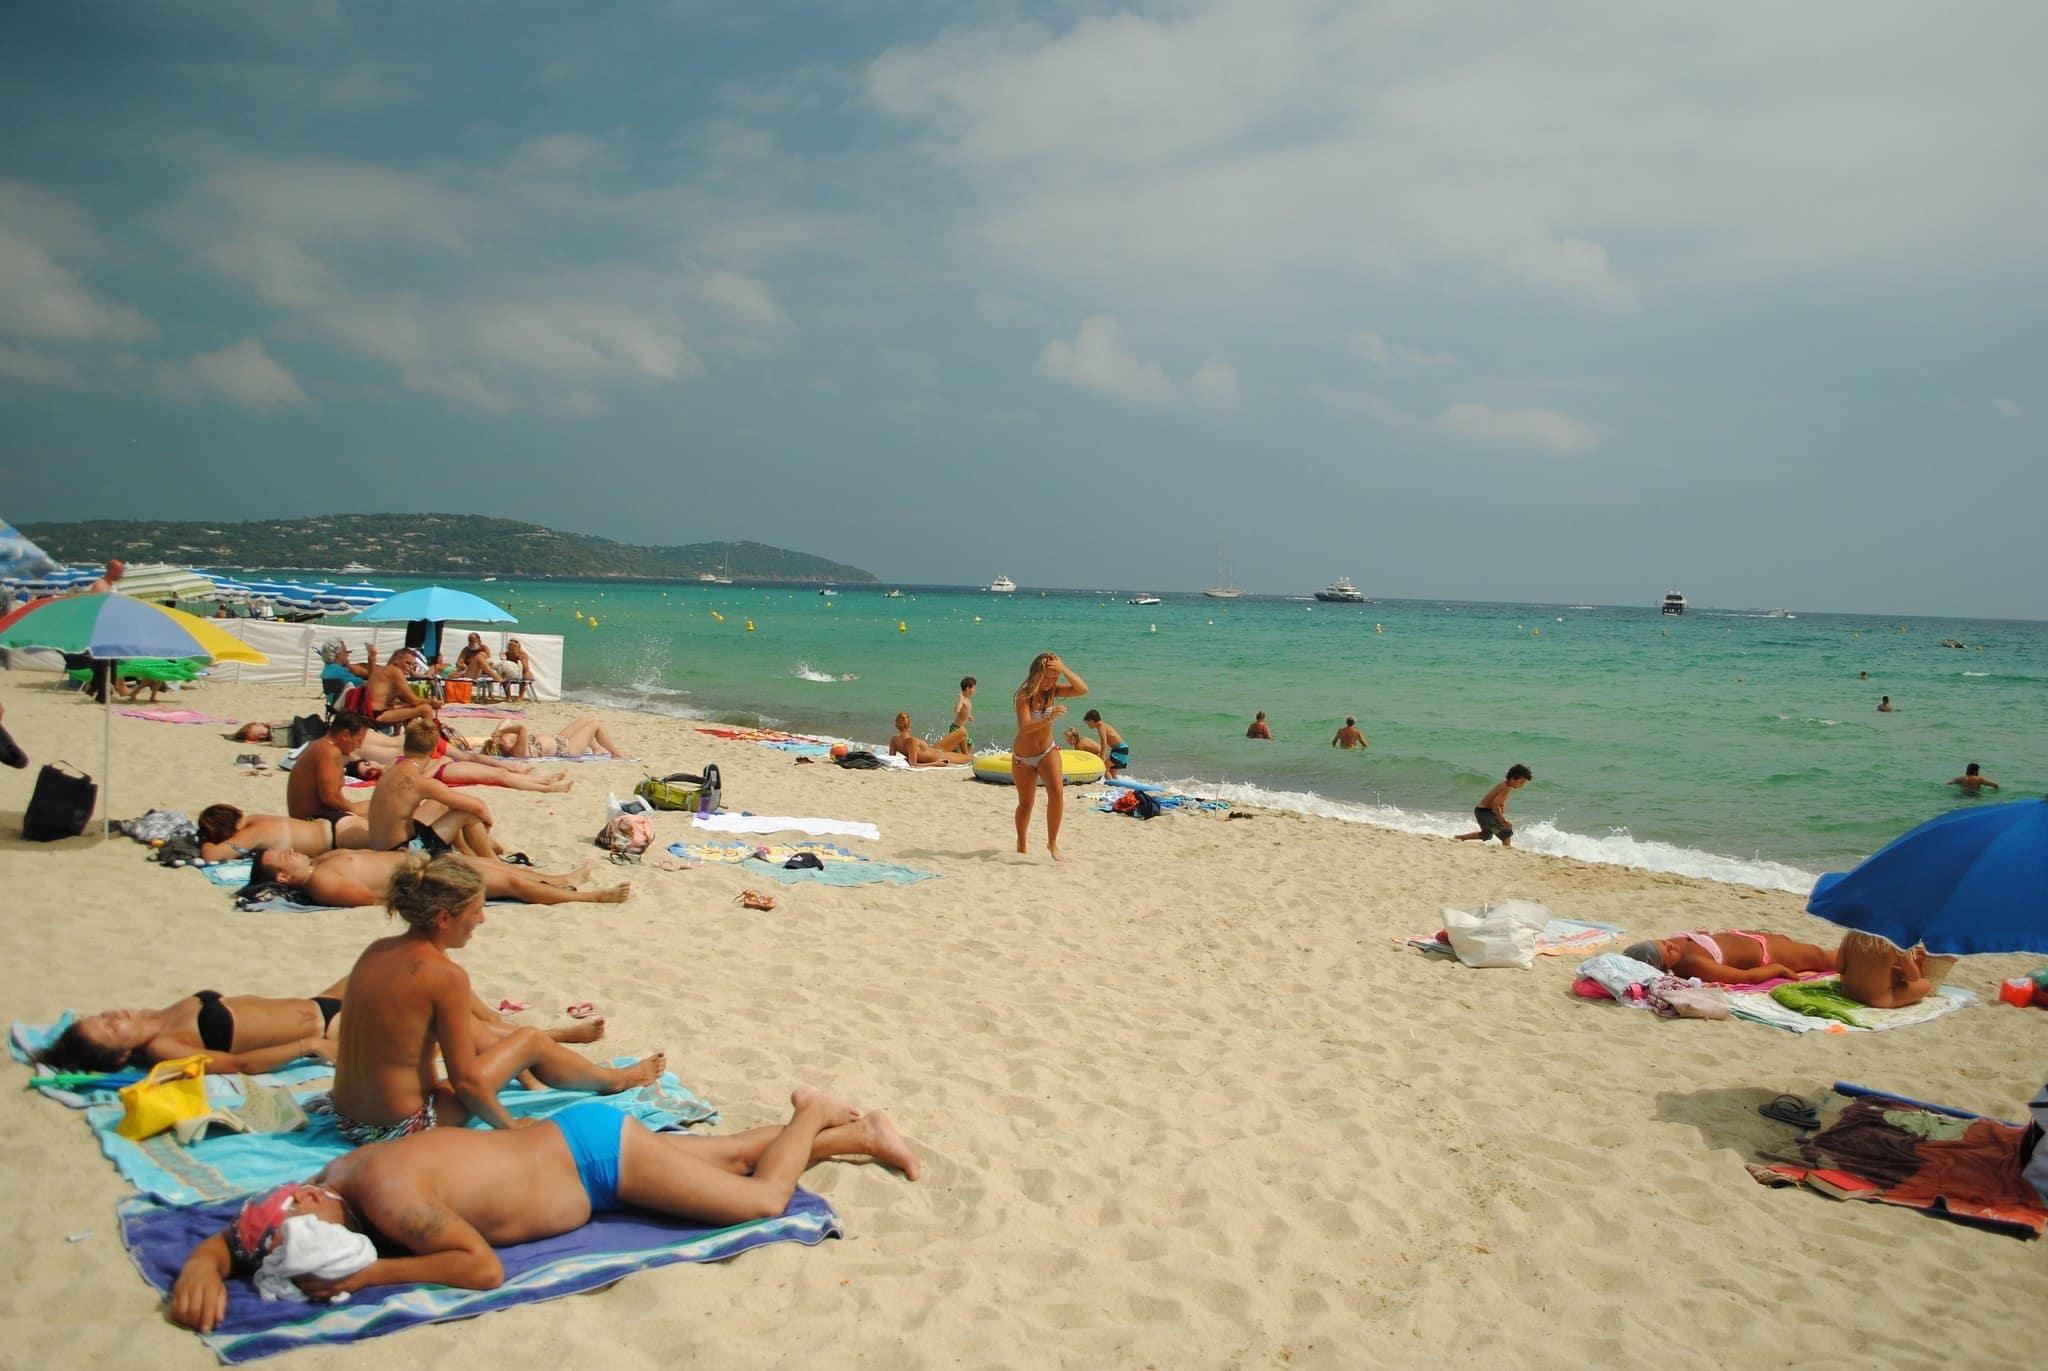 Strand Von Saint Tropez Camping Cars Caravans